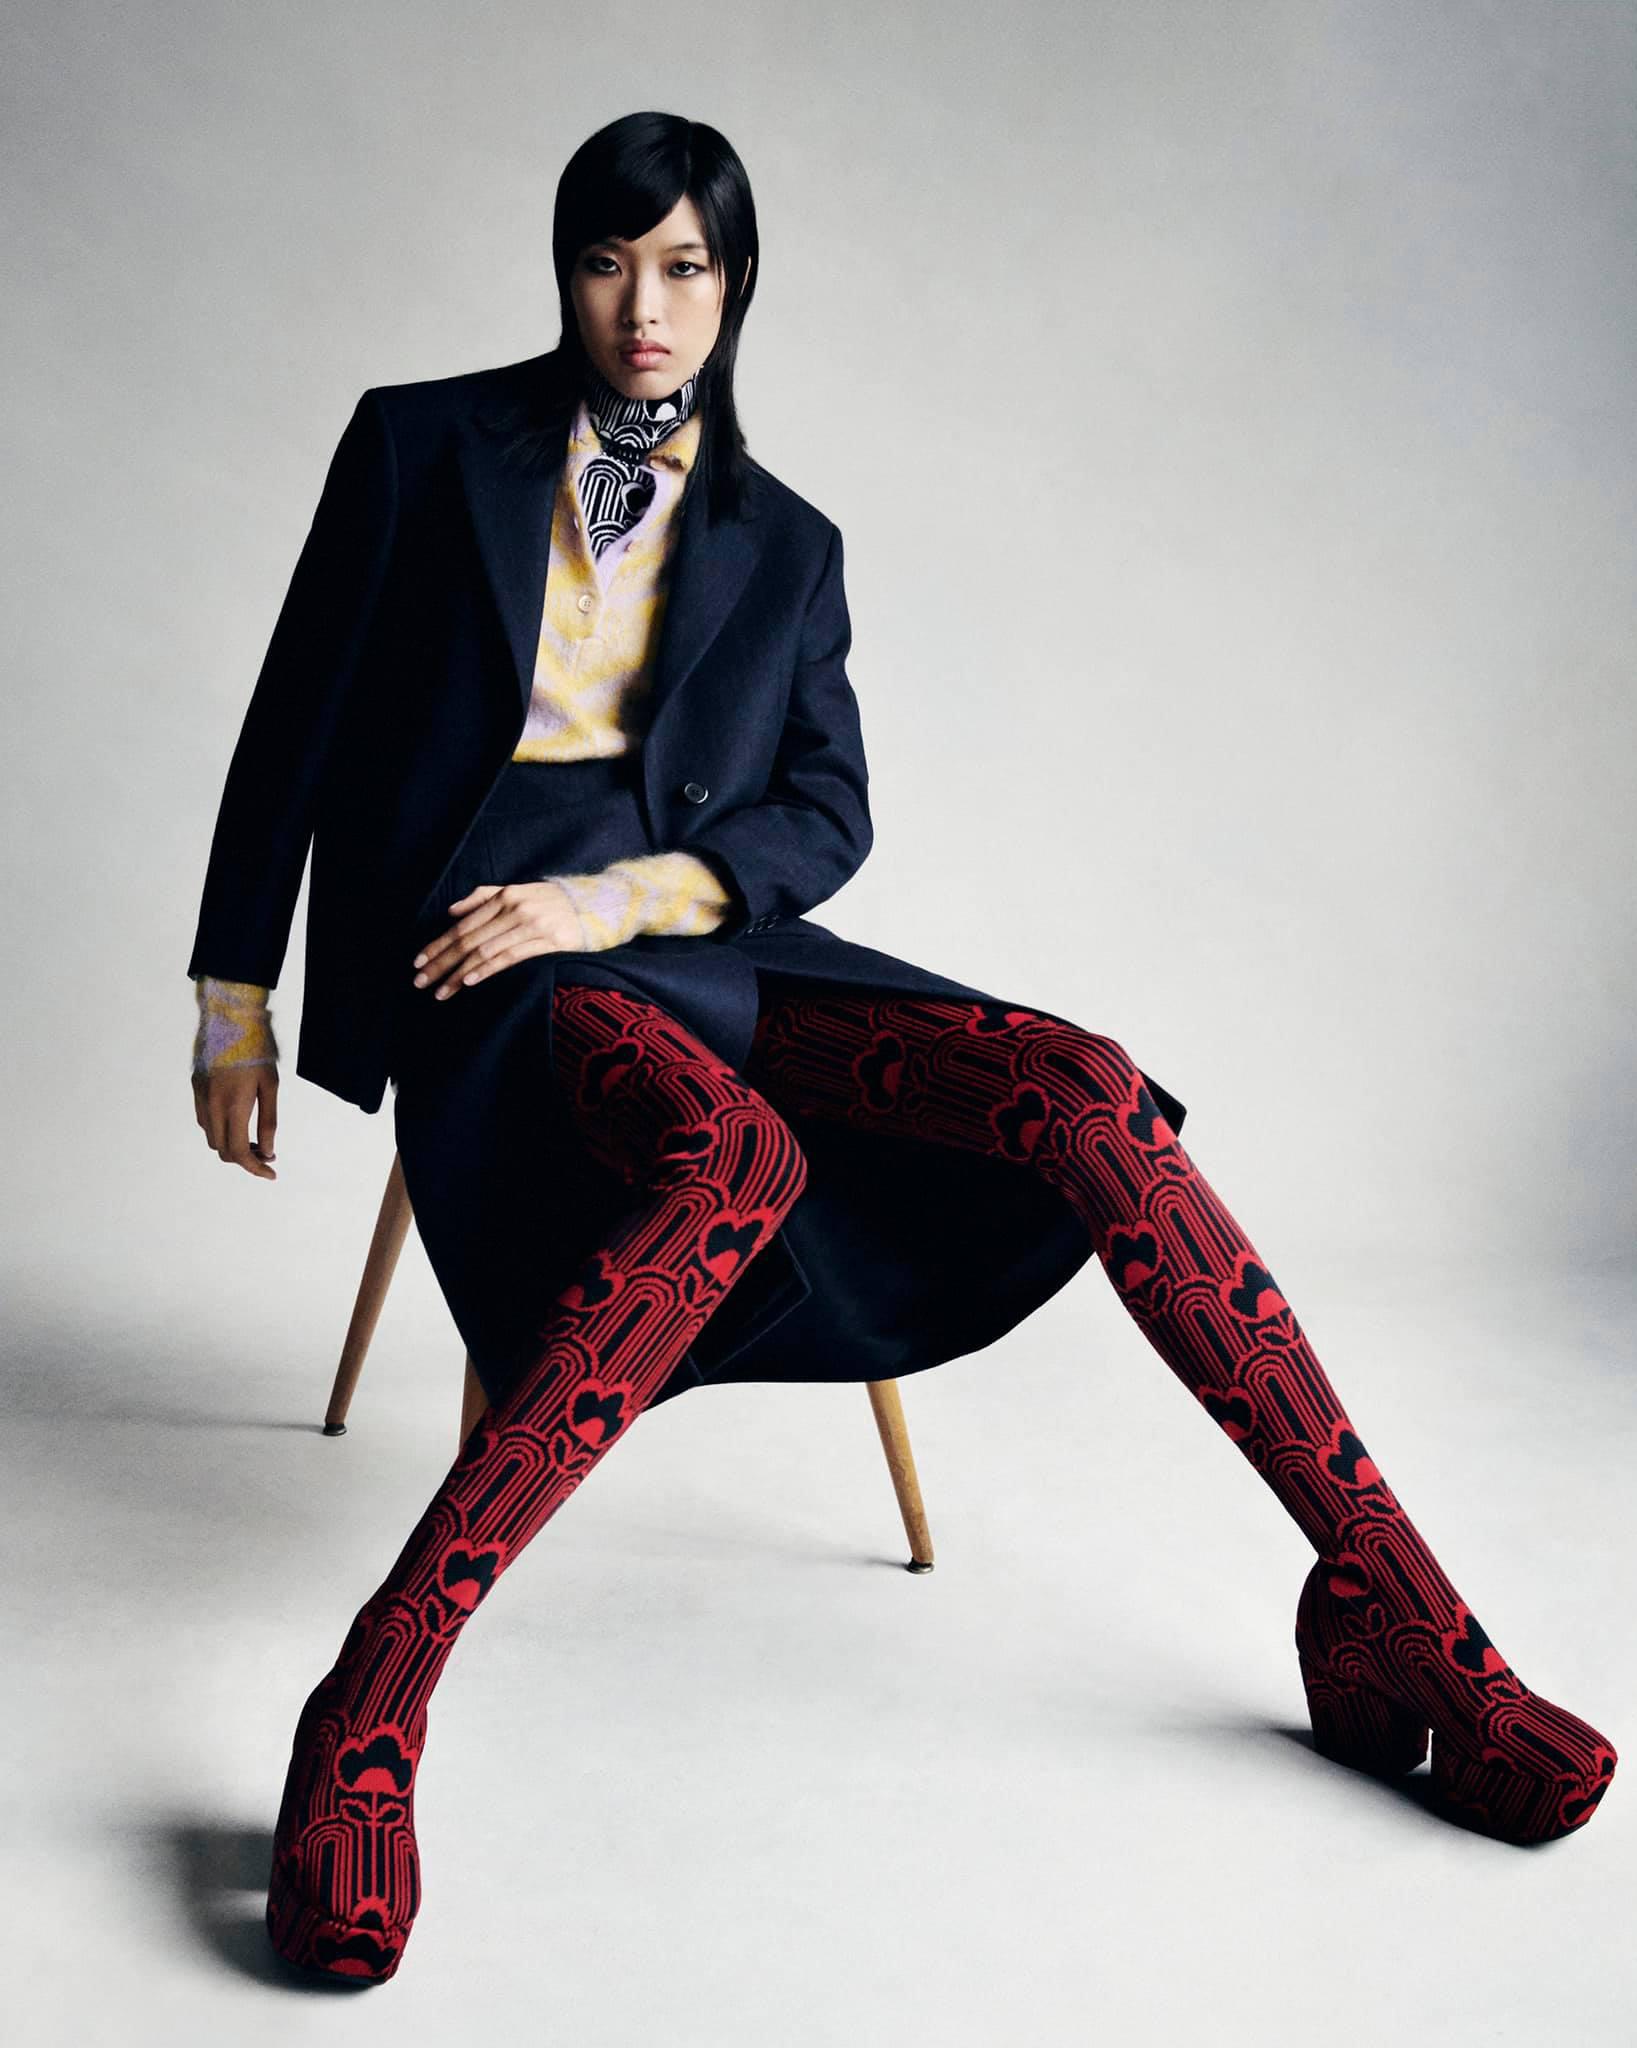 HOT: Phương Oanh next top lên hẳn bìa Vogue, câu cà khịa VNTM năm xưa bỗng được nhắc lại - Ảnh 3.